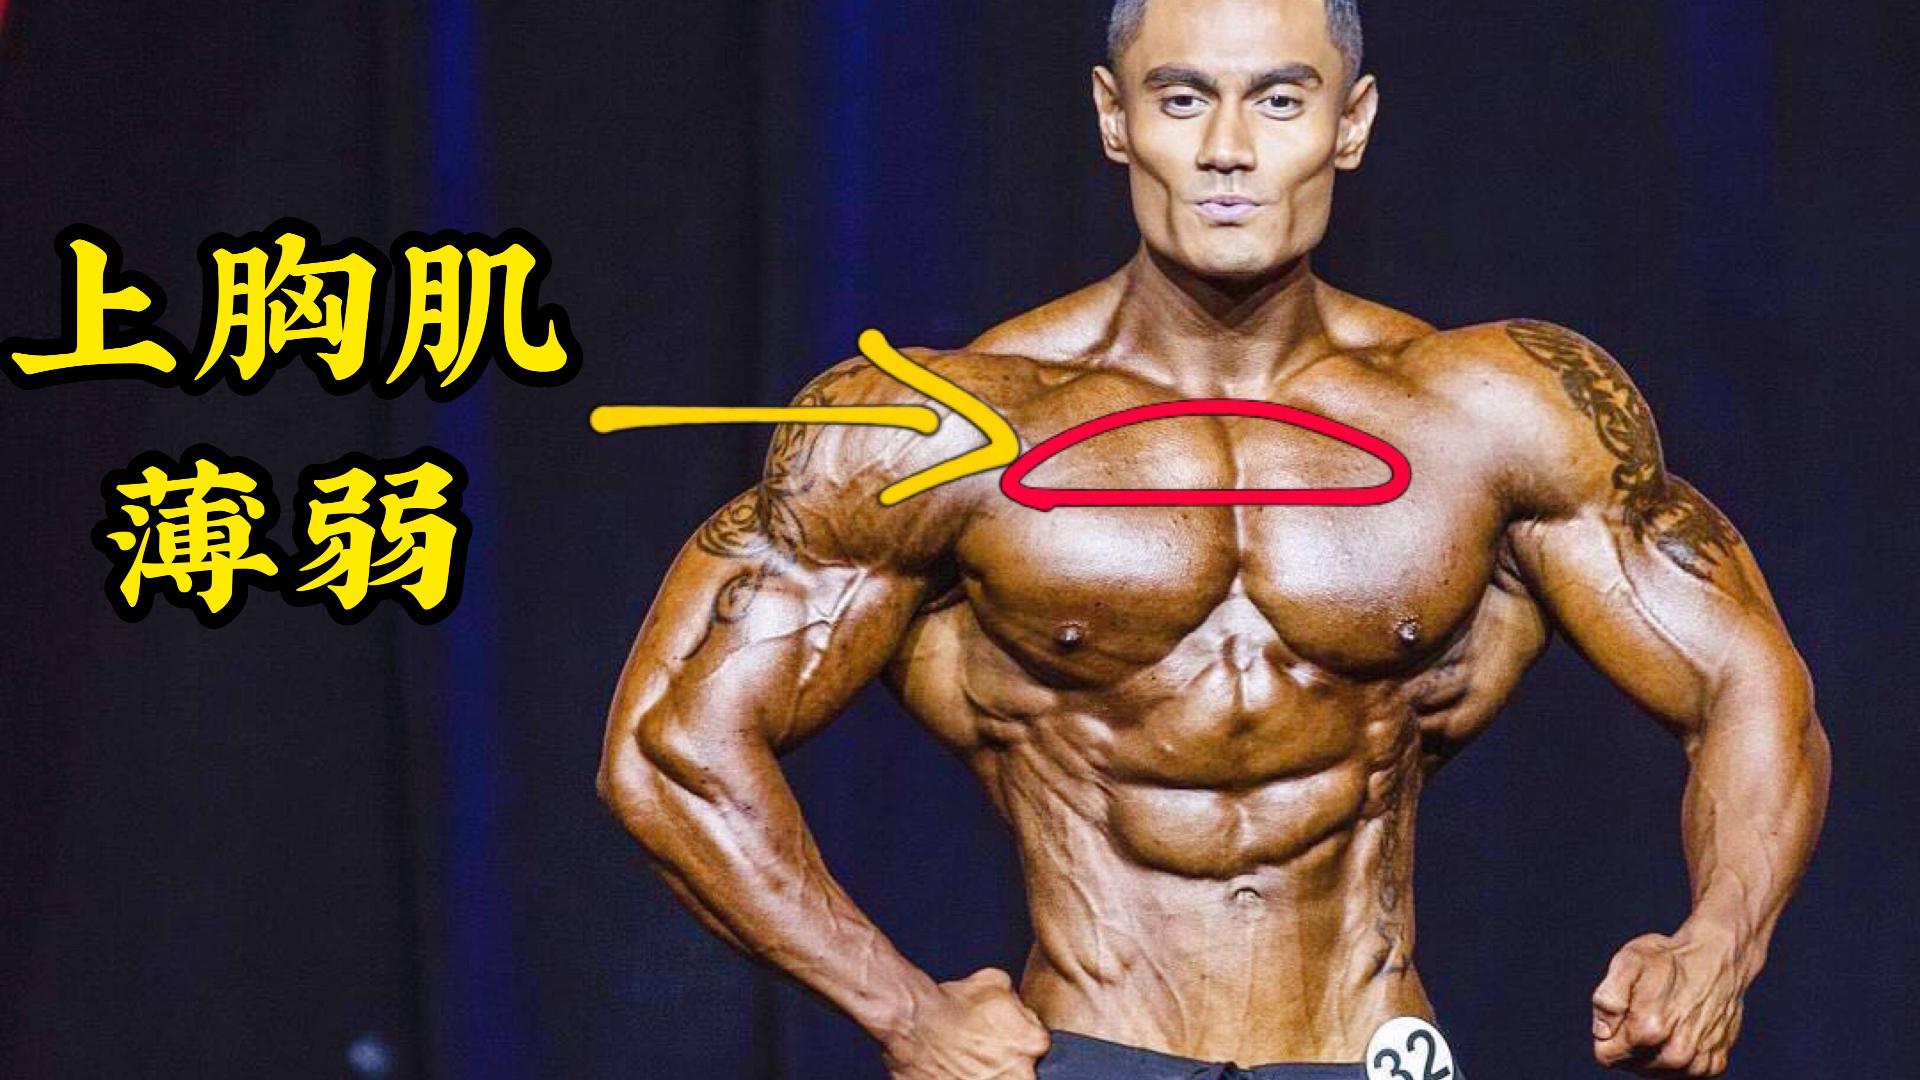 上胸肌薄弱,导致胸肌不好看,胸肌上束肌肉练出来,显得更立体